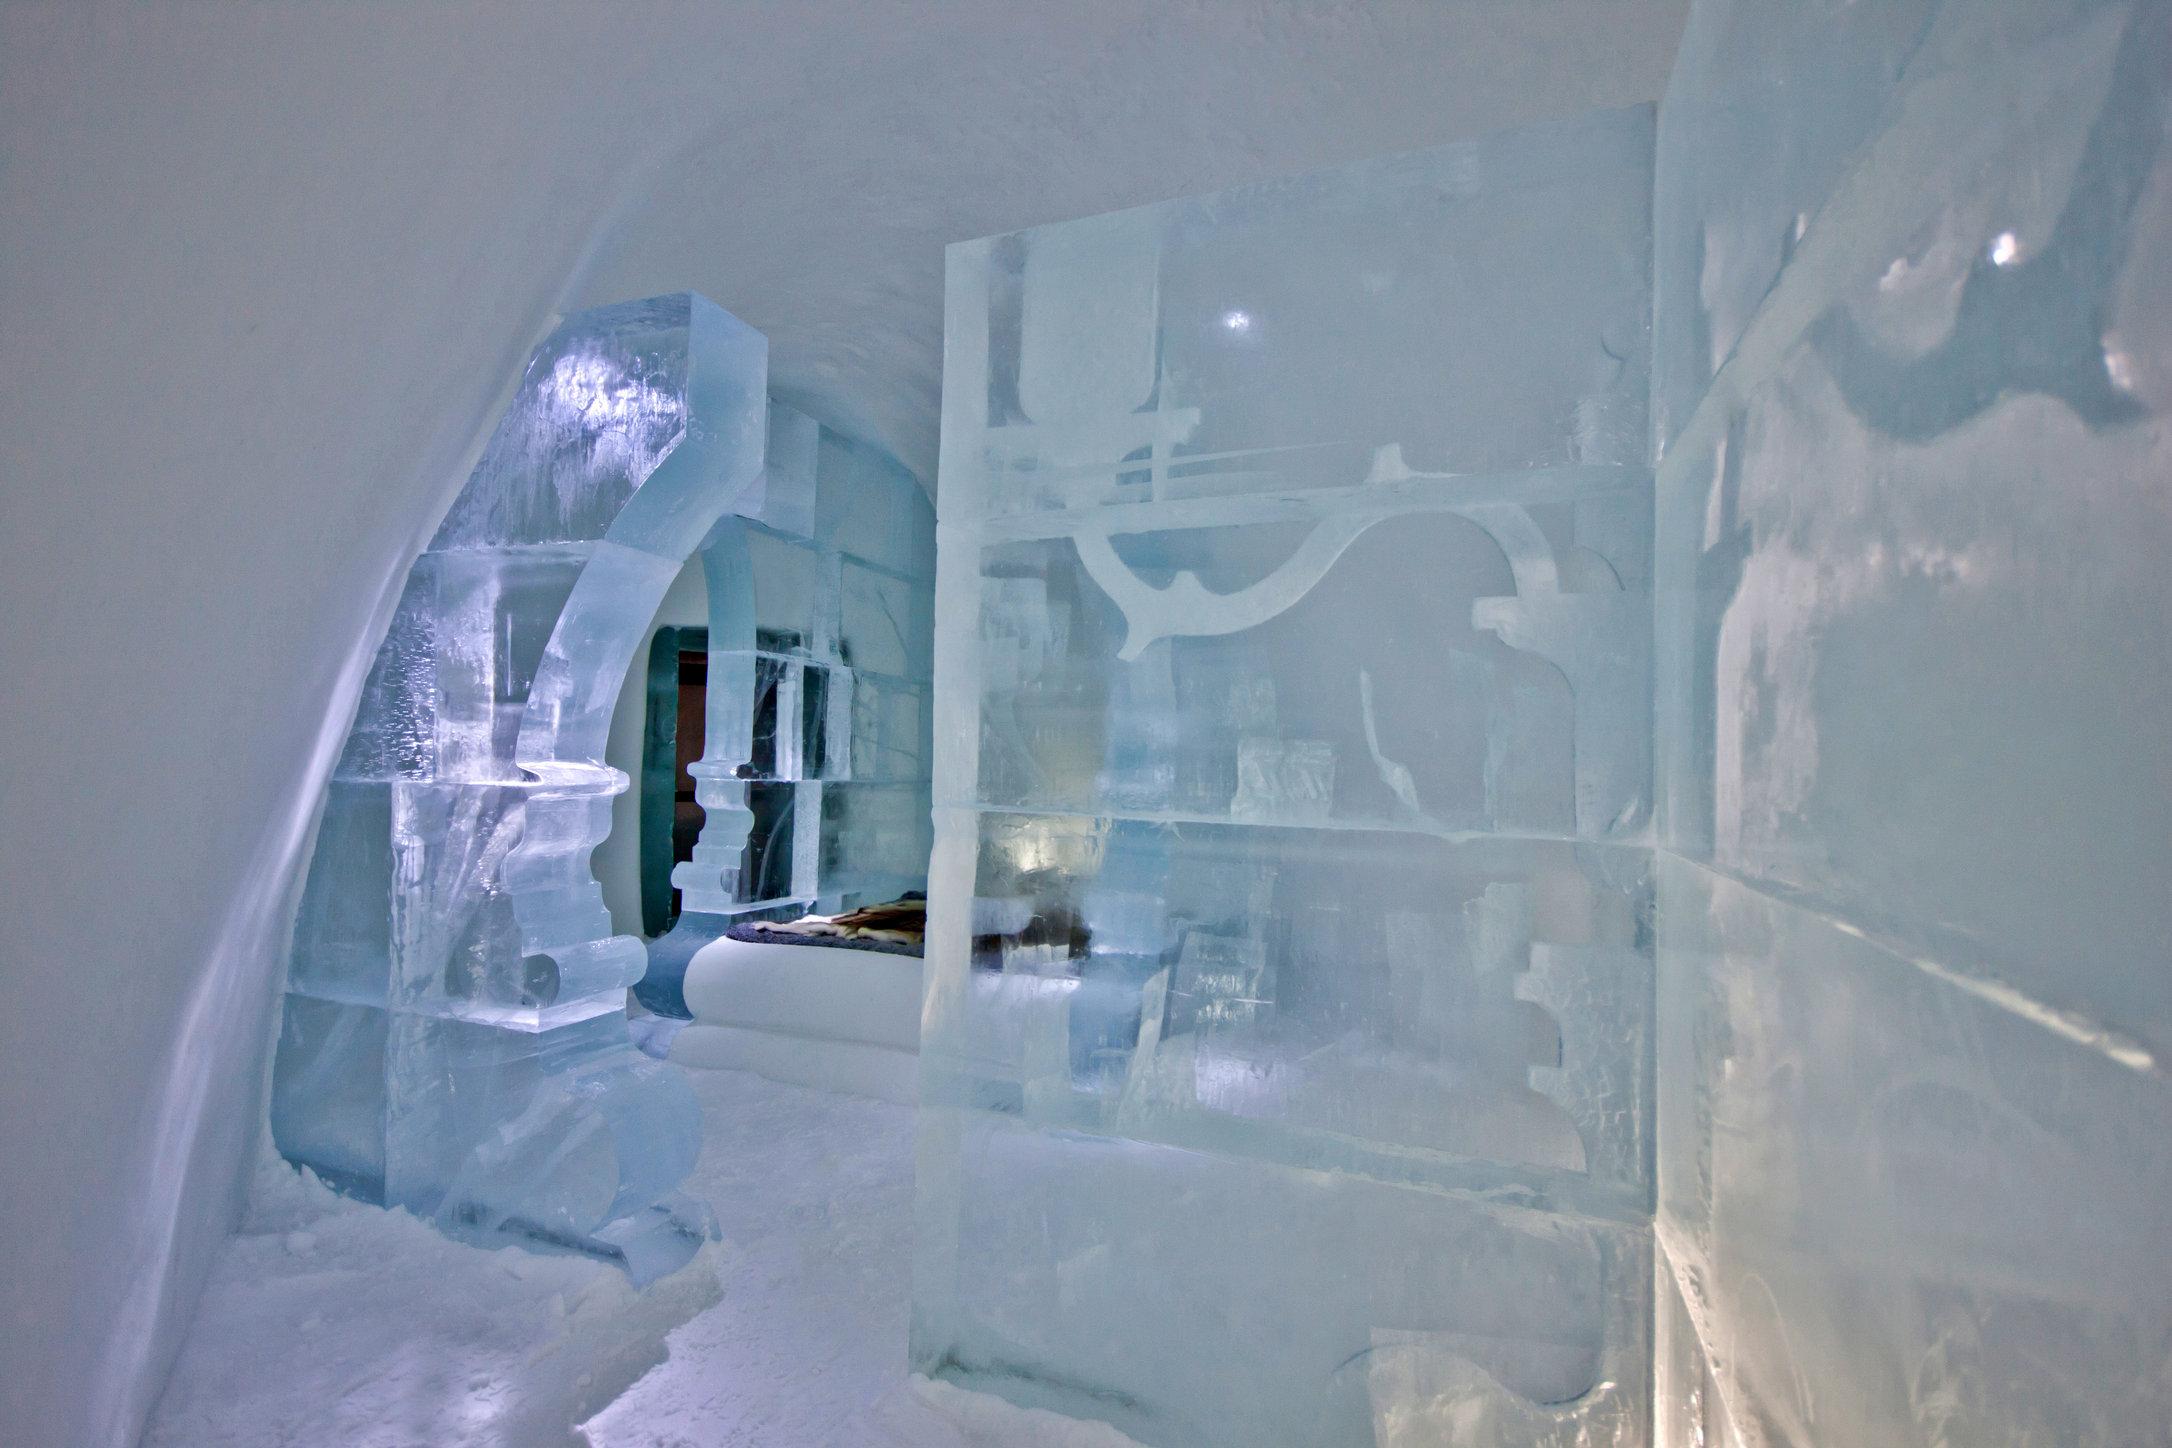 ICEHOTEL© Jukkasjärvi 2014/15 - Suite de luxe Rococo